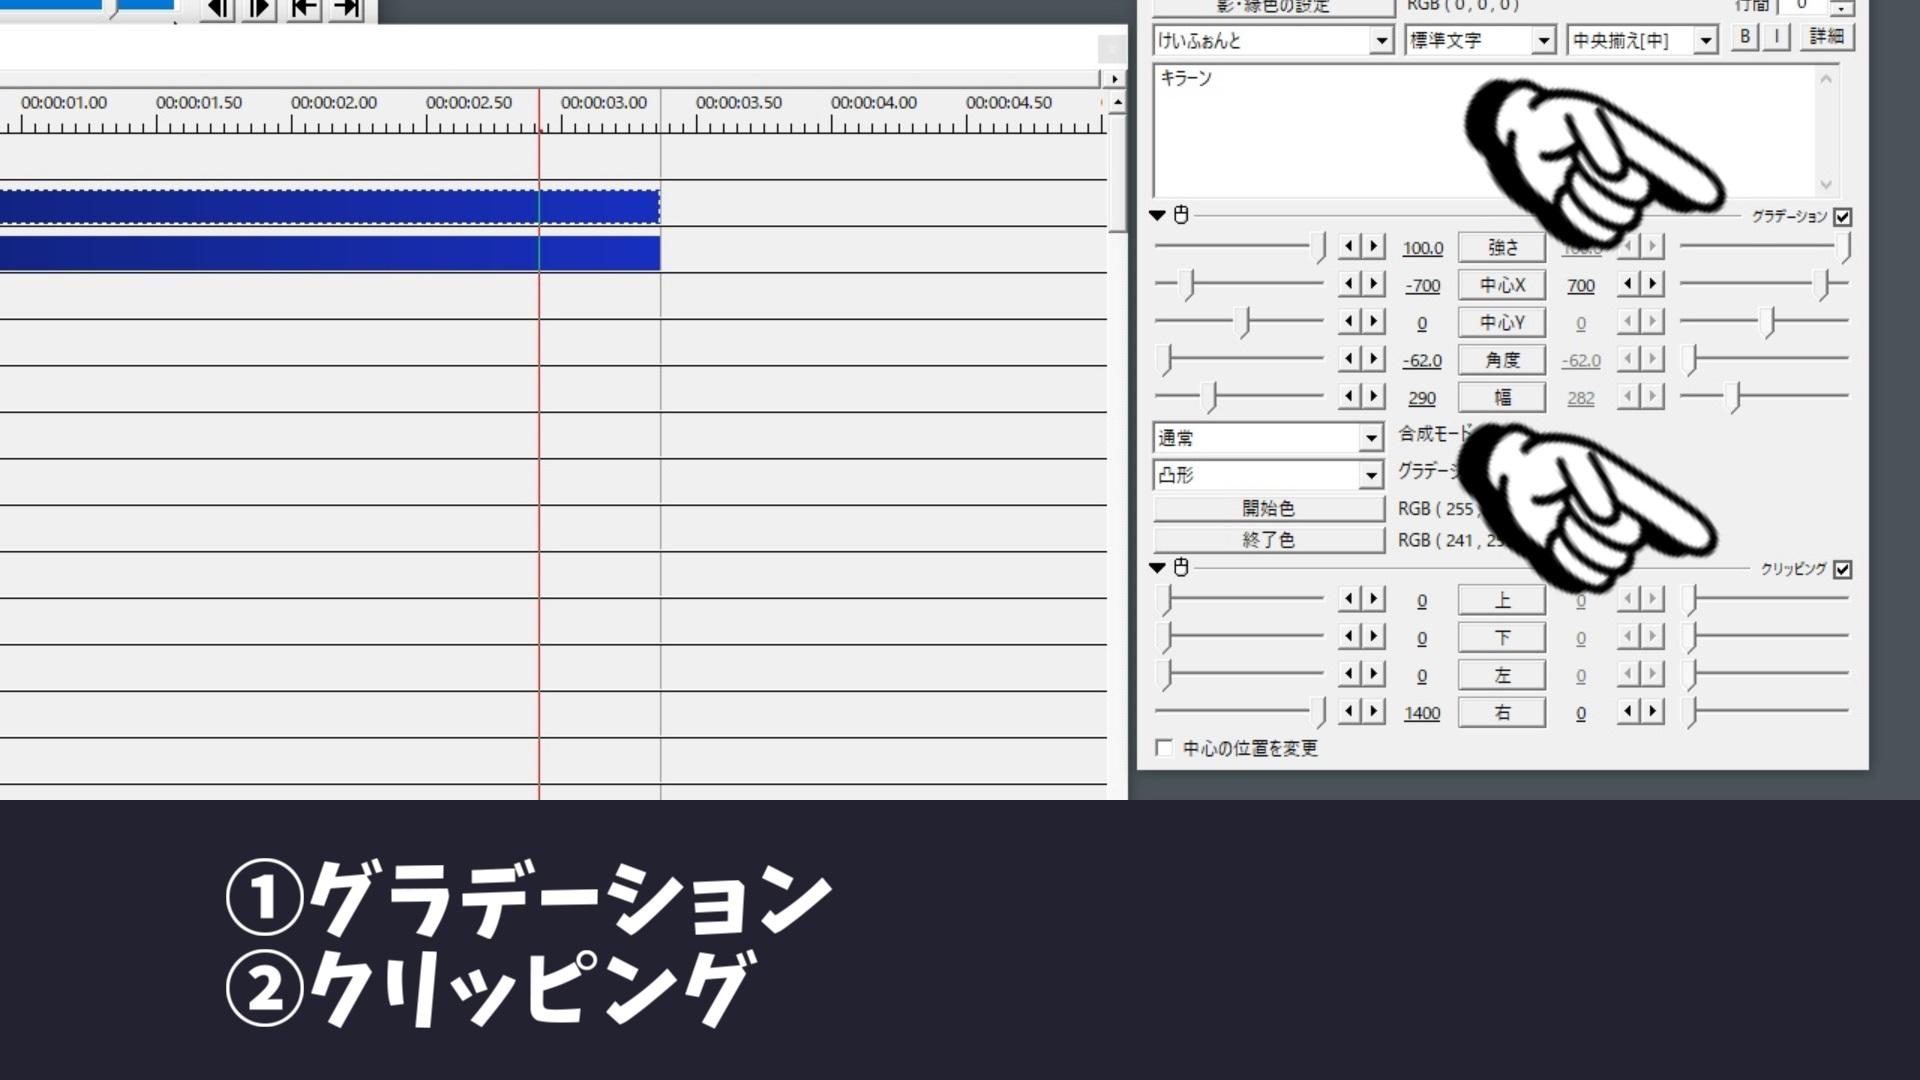 AviUtlでテキストをキラーンとする演出方法